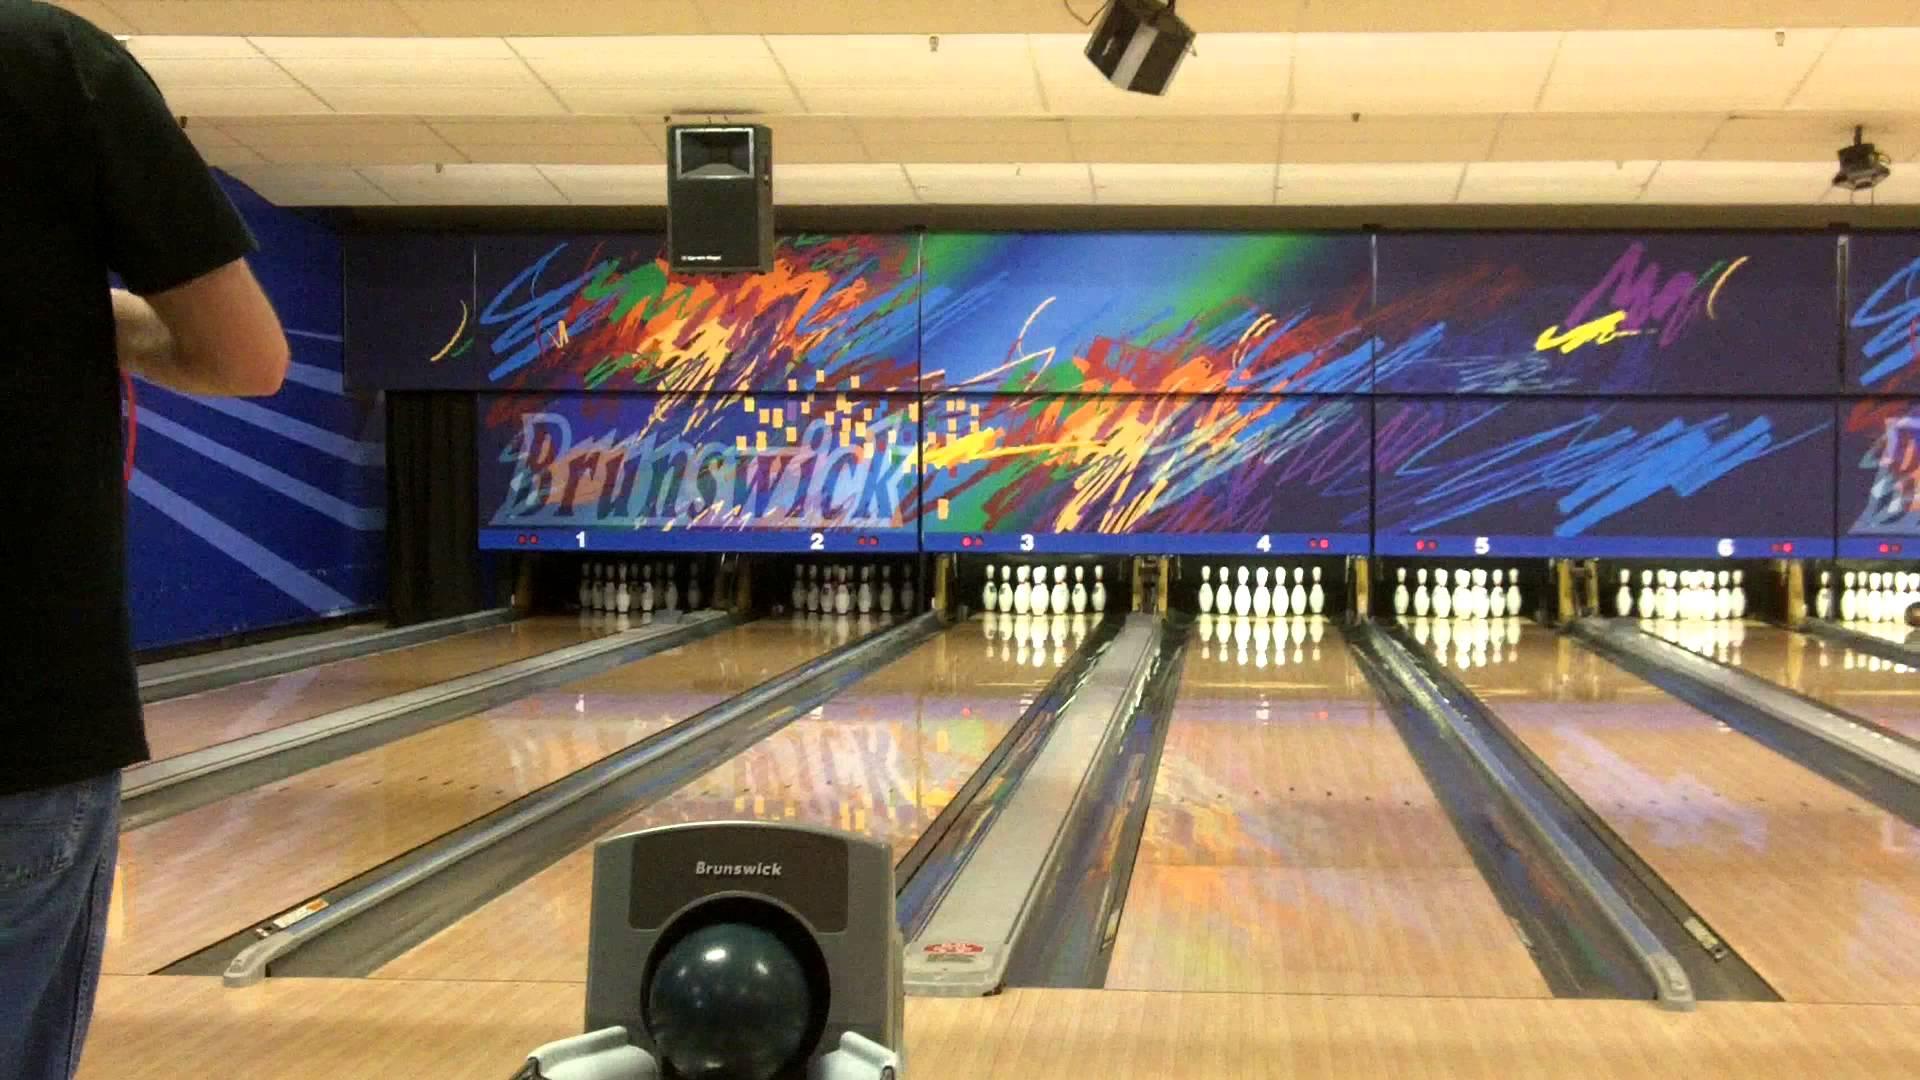 New Brunswick Bowling >> New Brunswick Zone Bowling 2018 Coupons